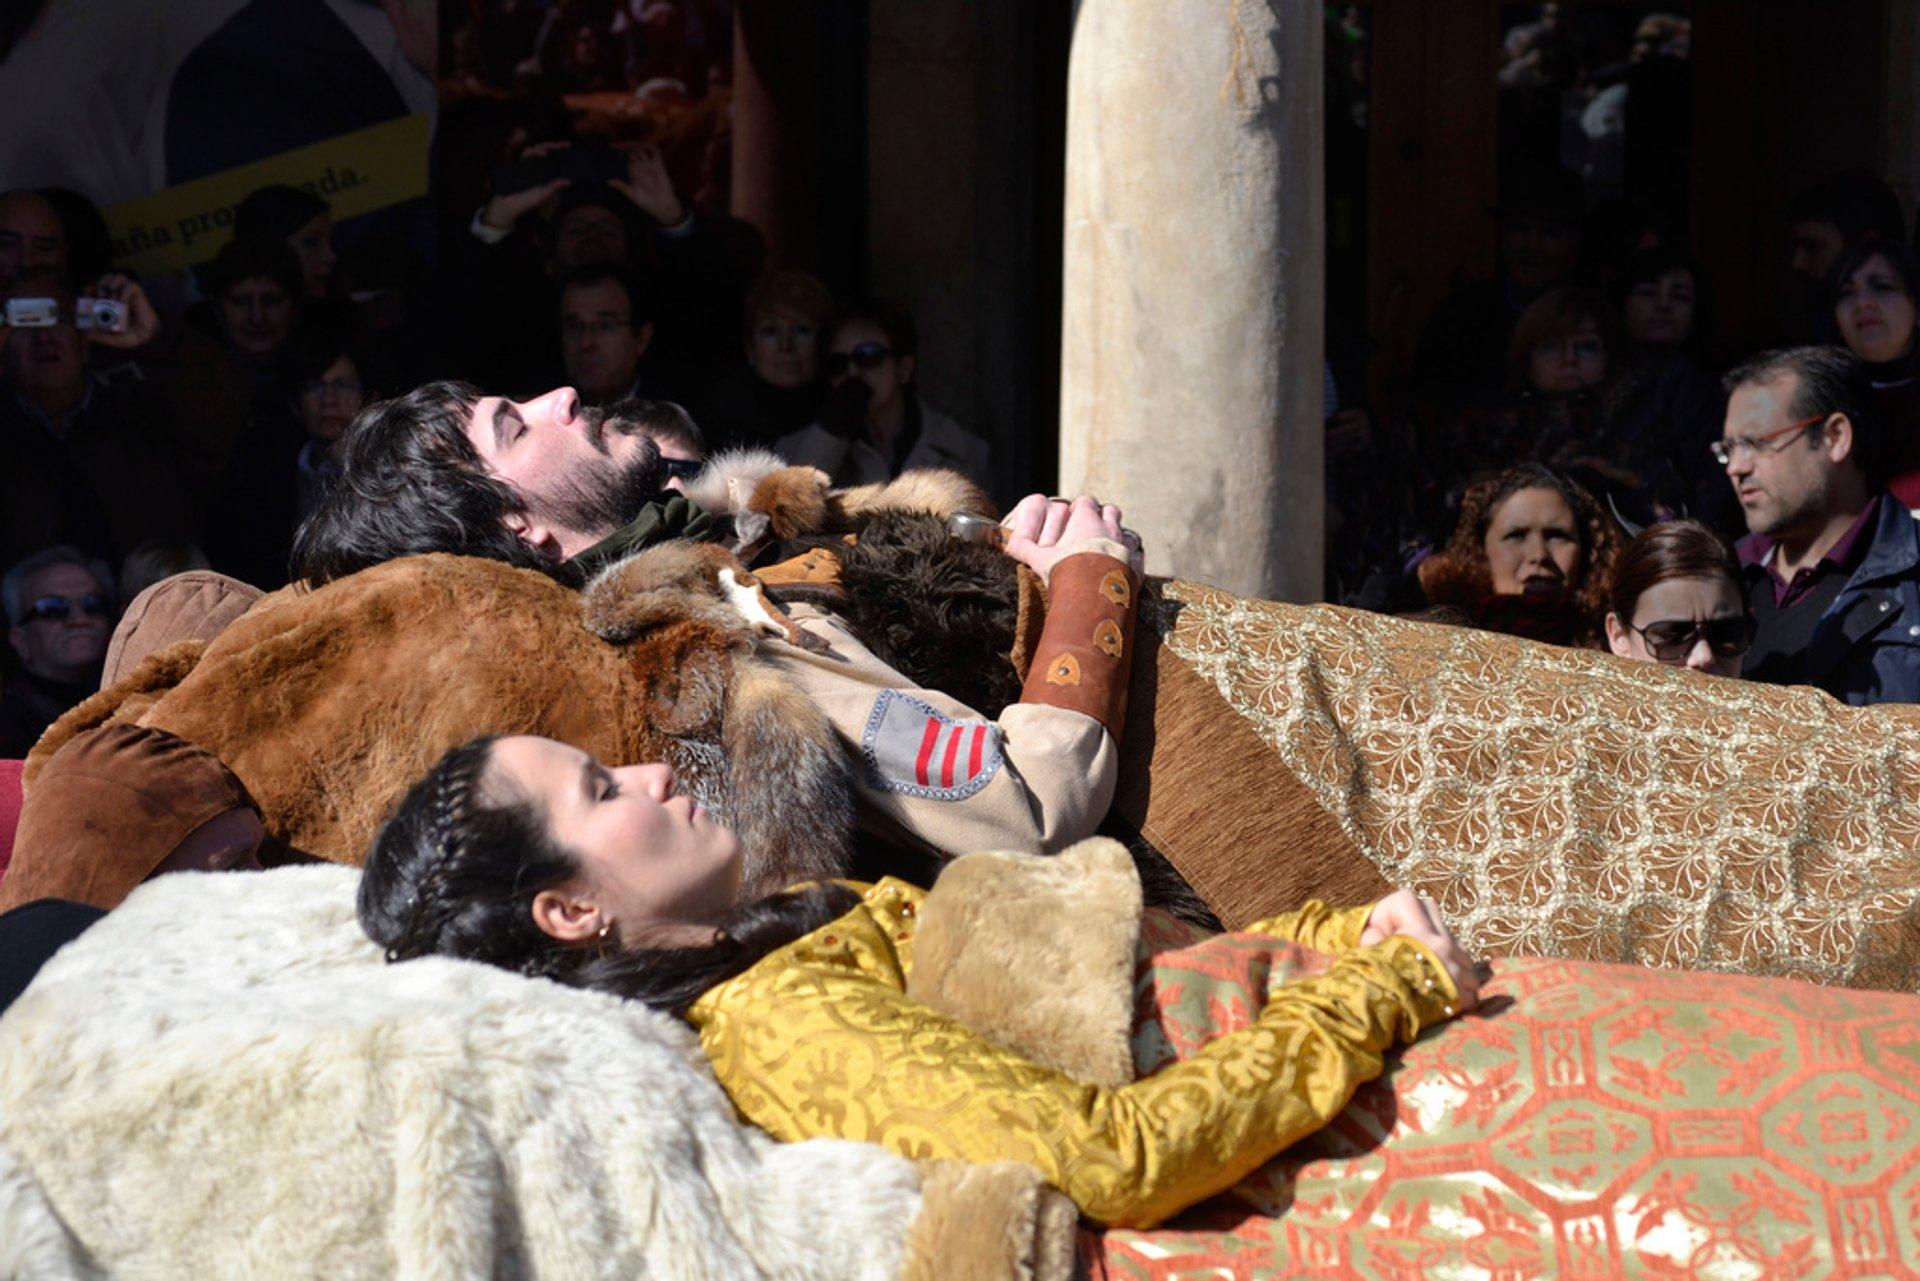 The Wedding of Isabel de Segura in Spain 2020 - Best Time